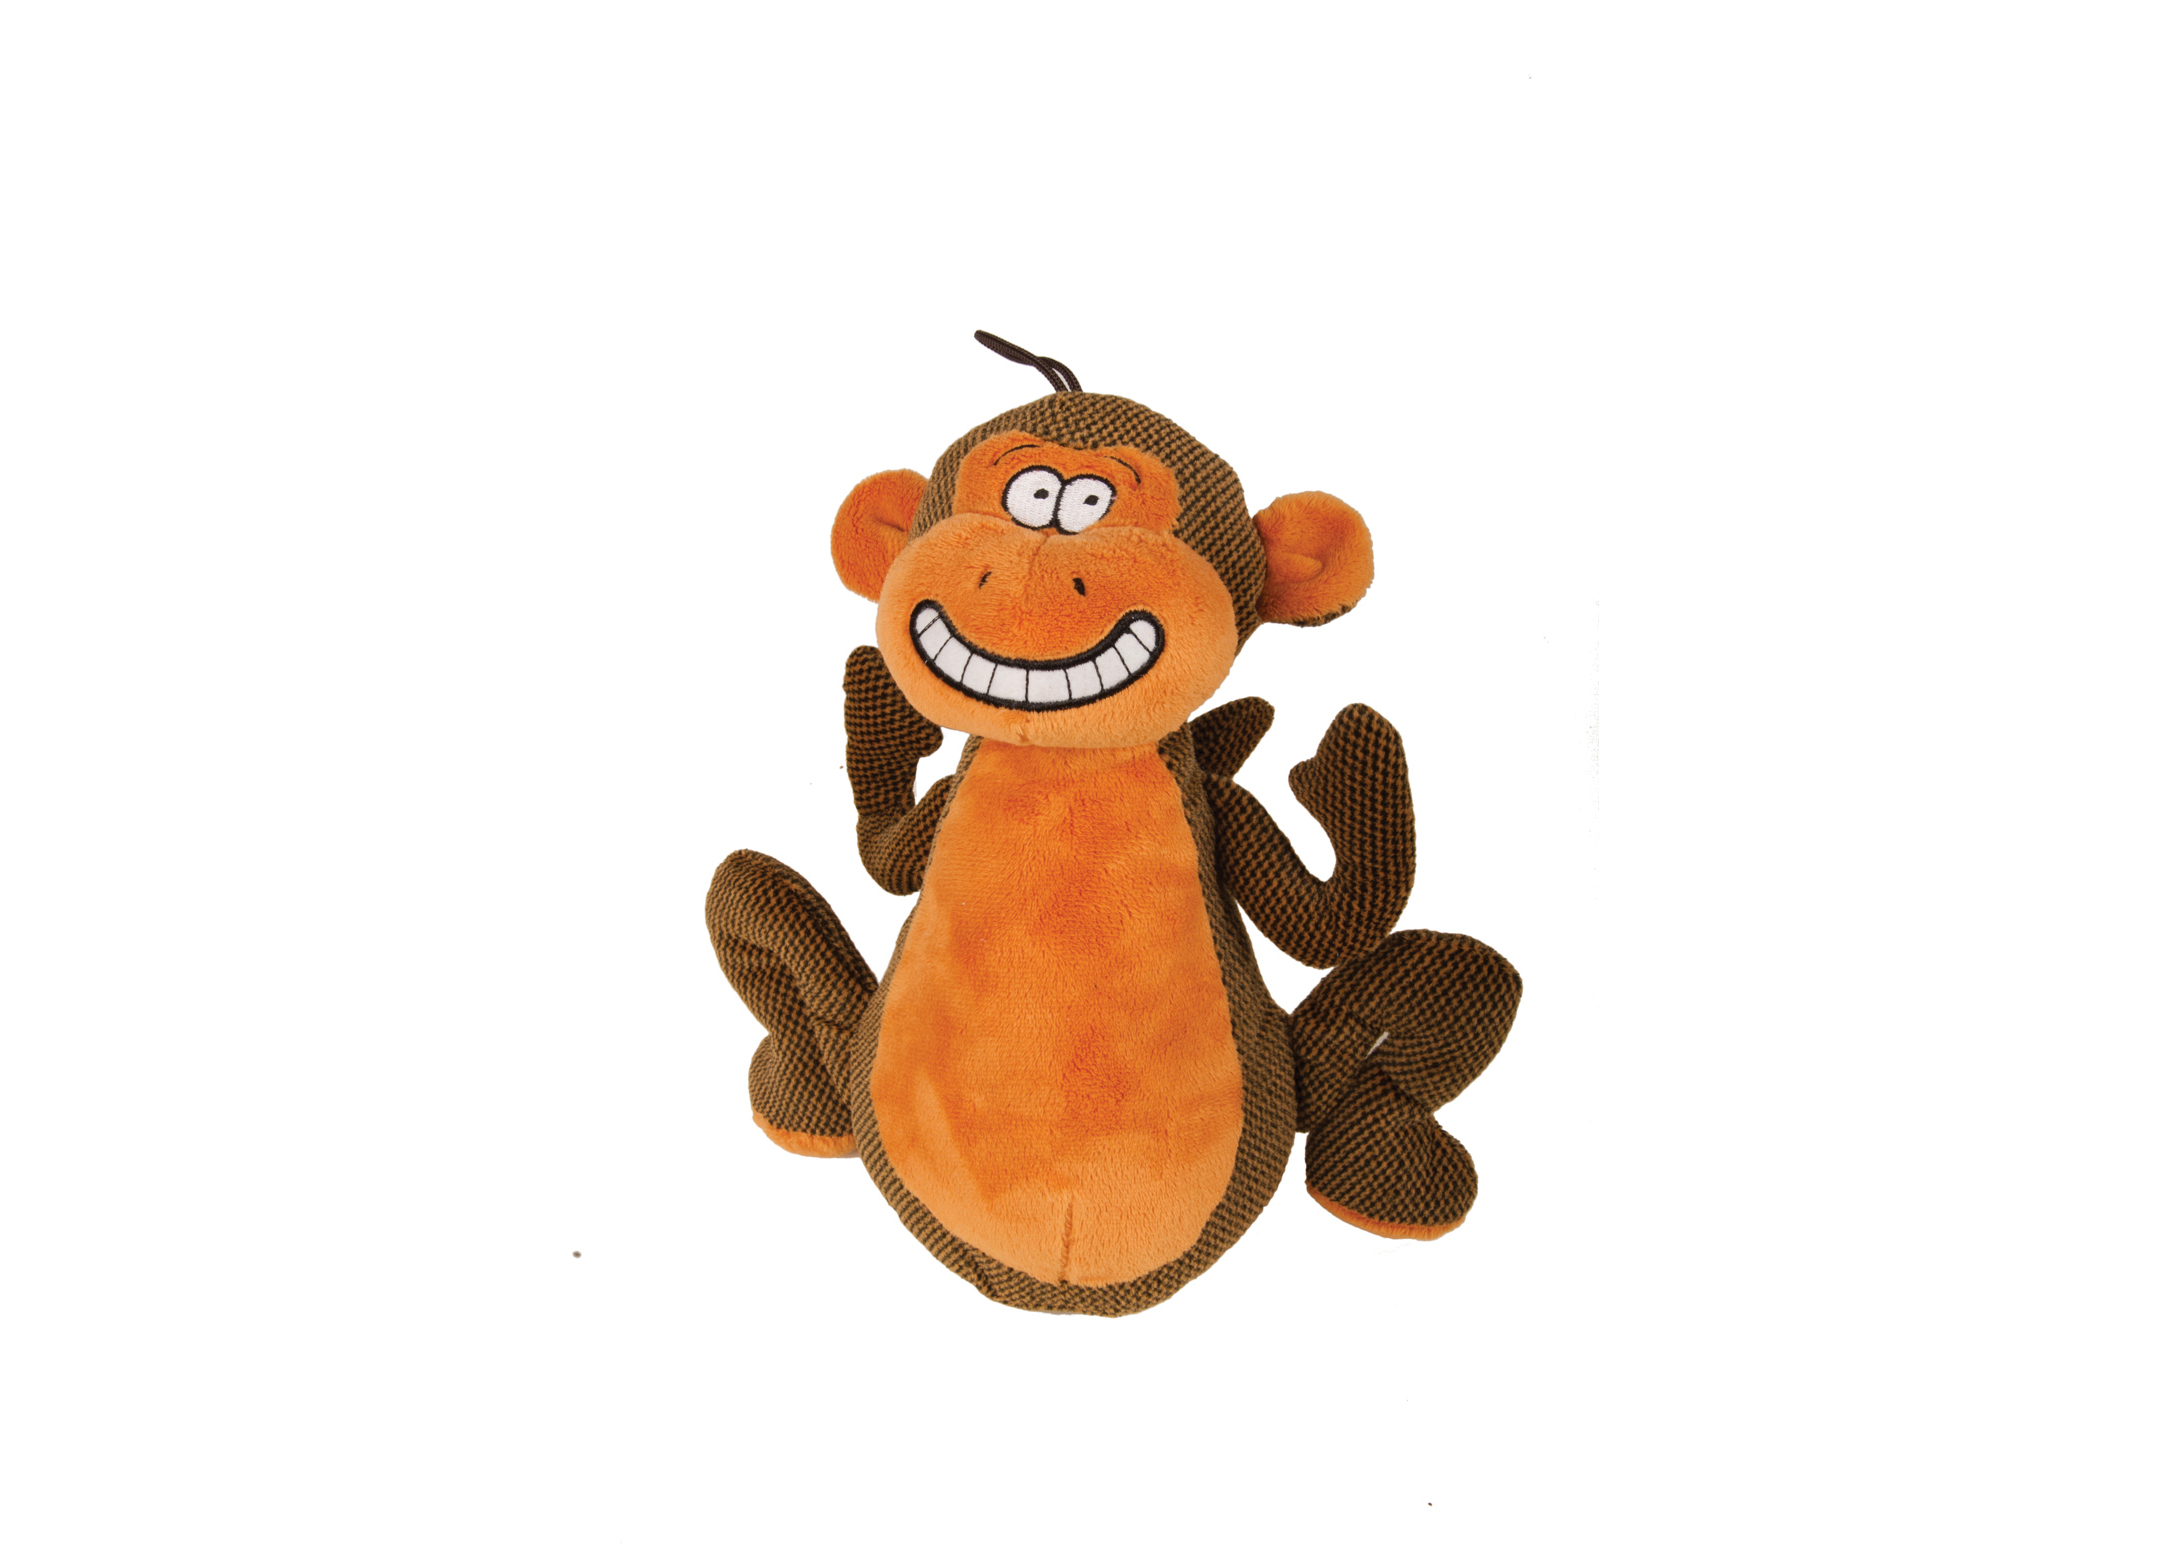 Dawgeee Toy Happy Monkey 30cmcm Plush Toy